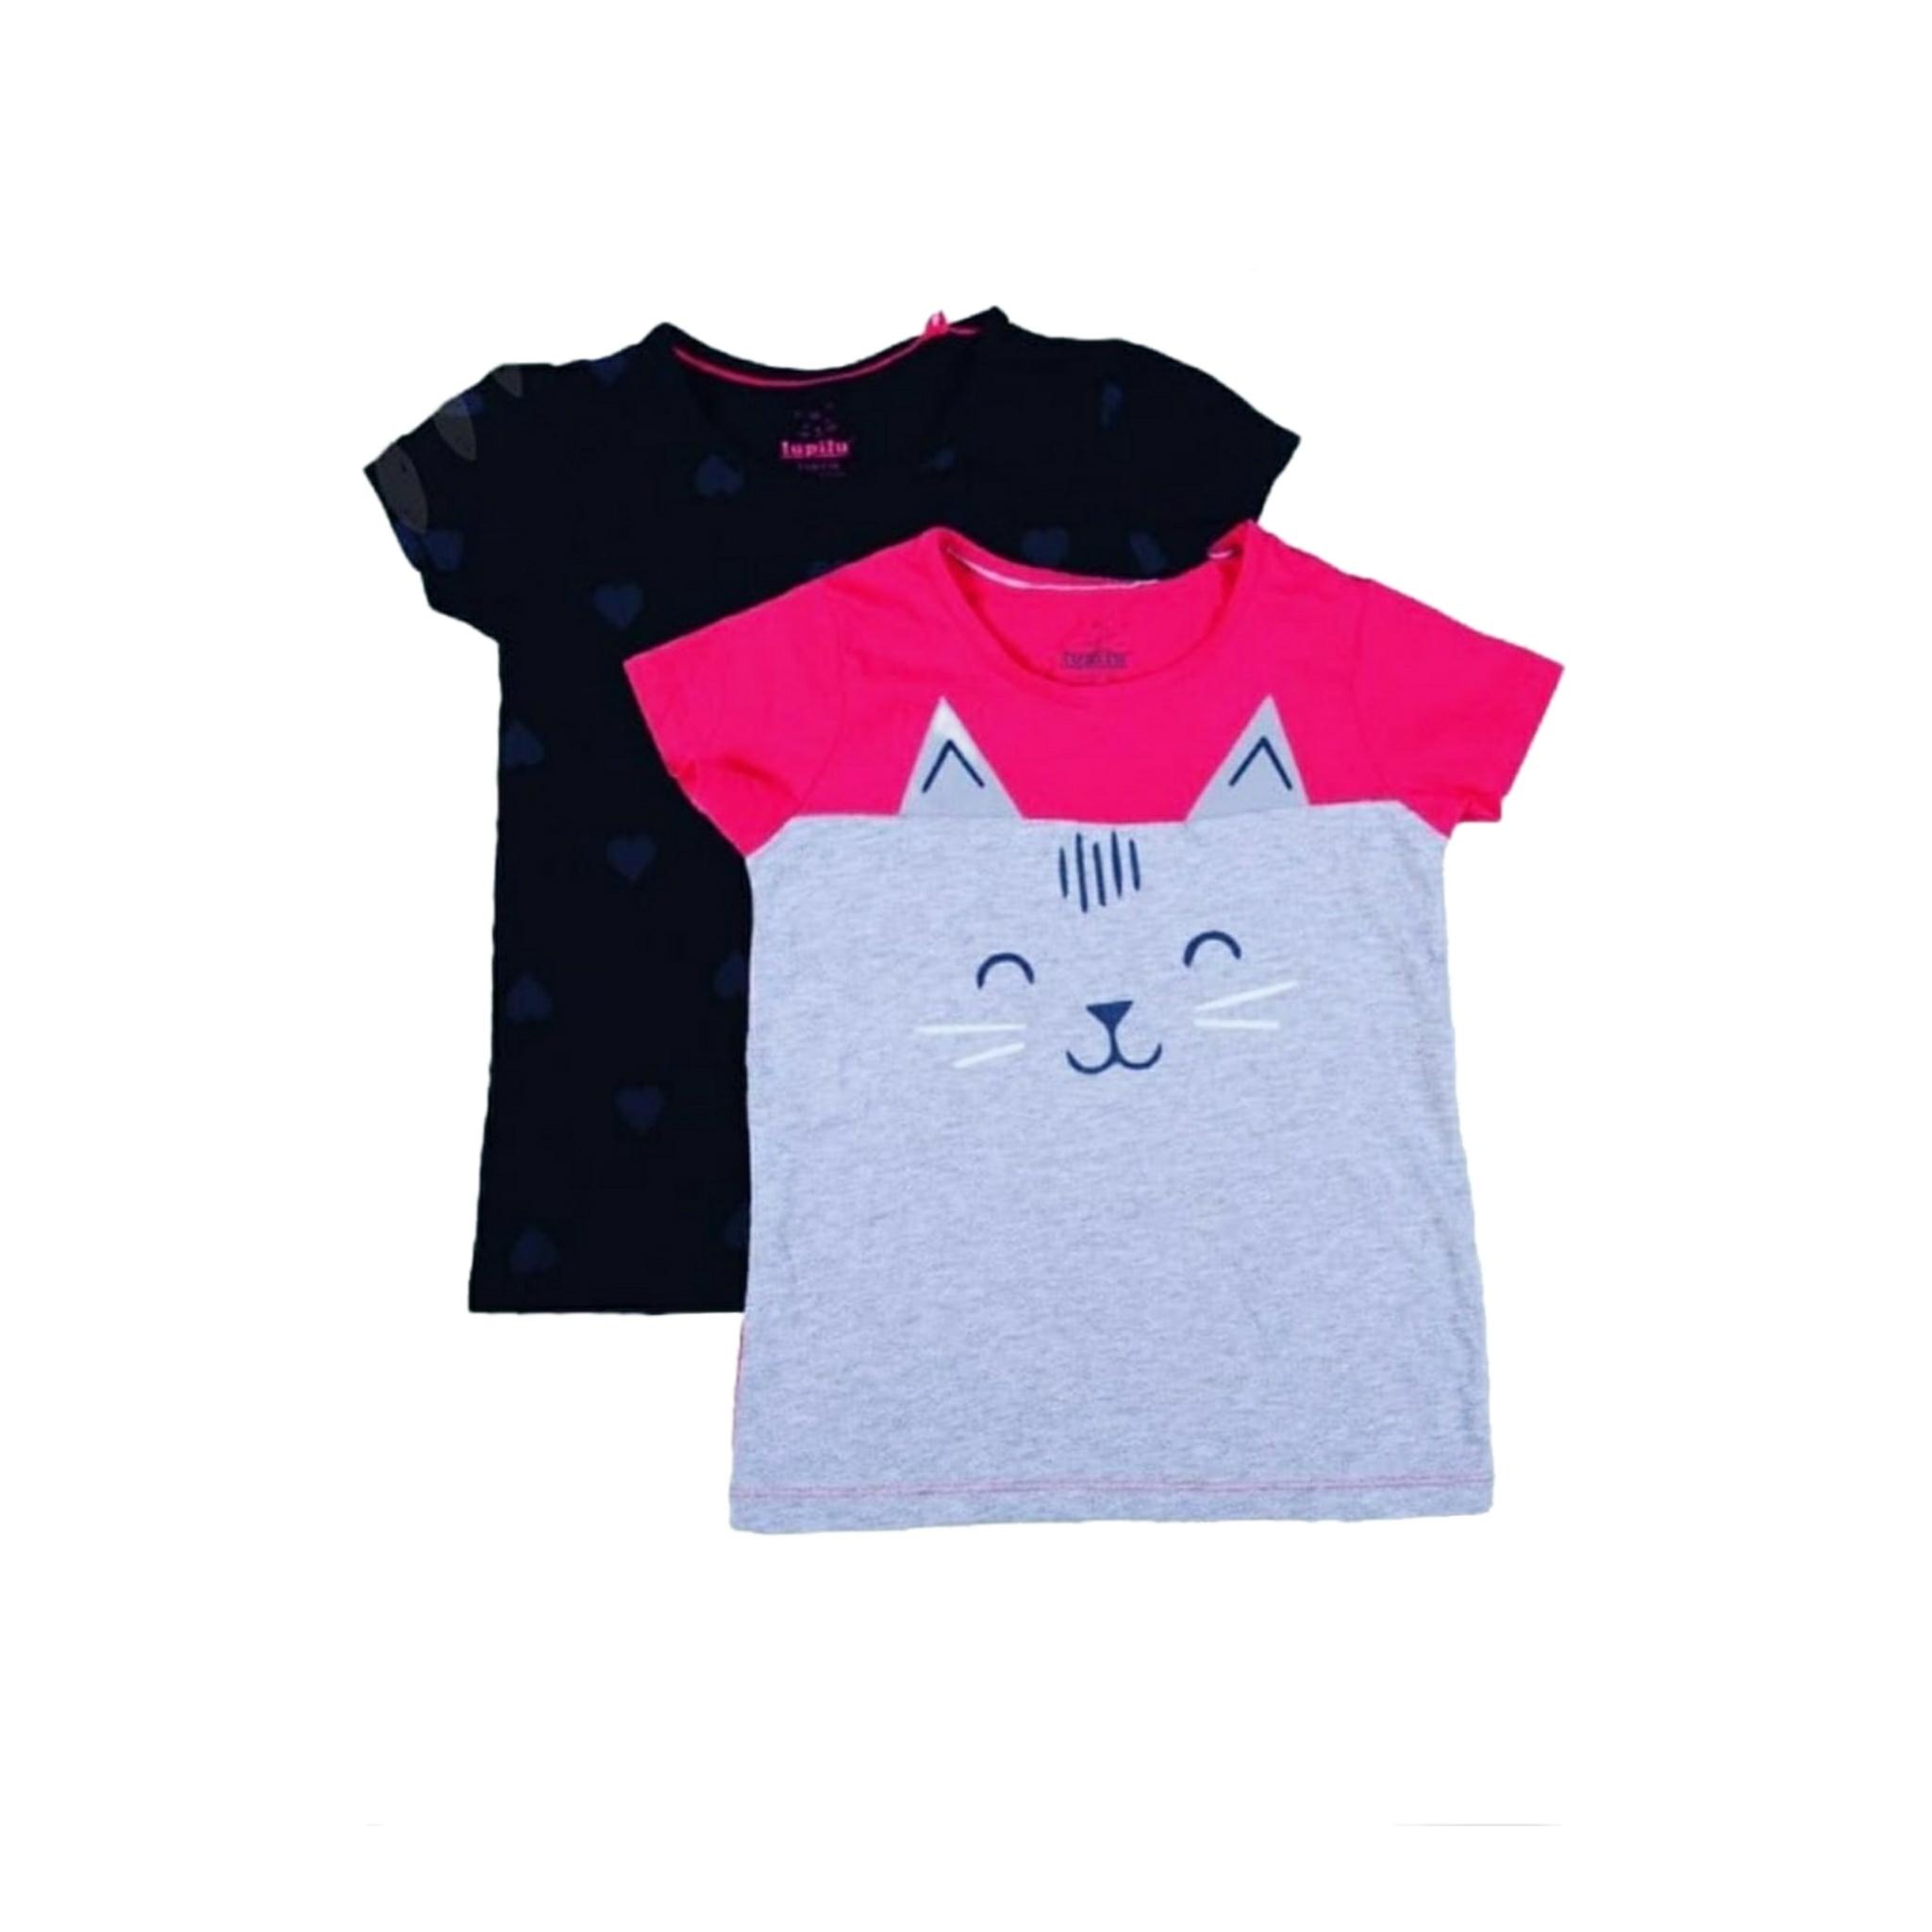 تی شرت آستین کوتاه بچگانه لوپیلو مدل U002 مجموعه 2 عددی